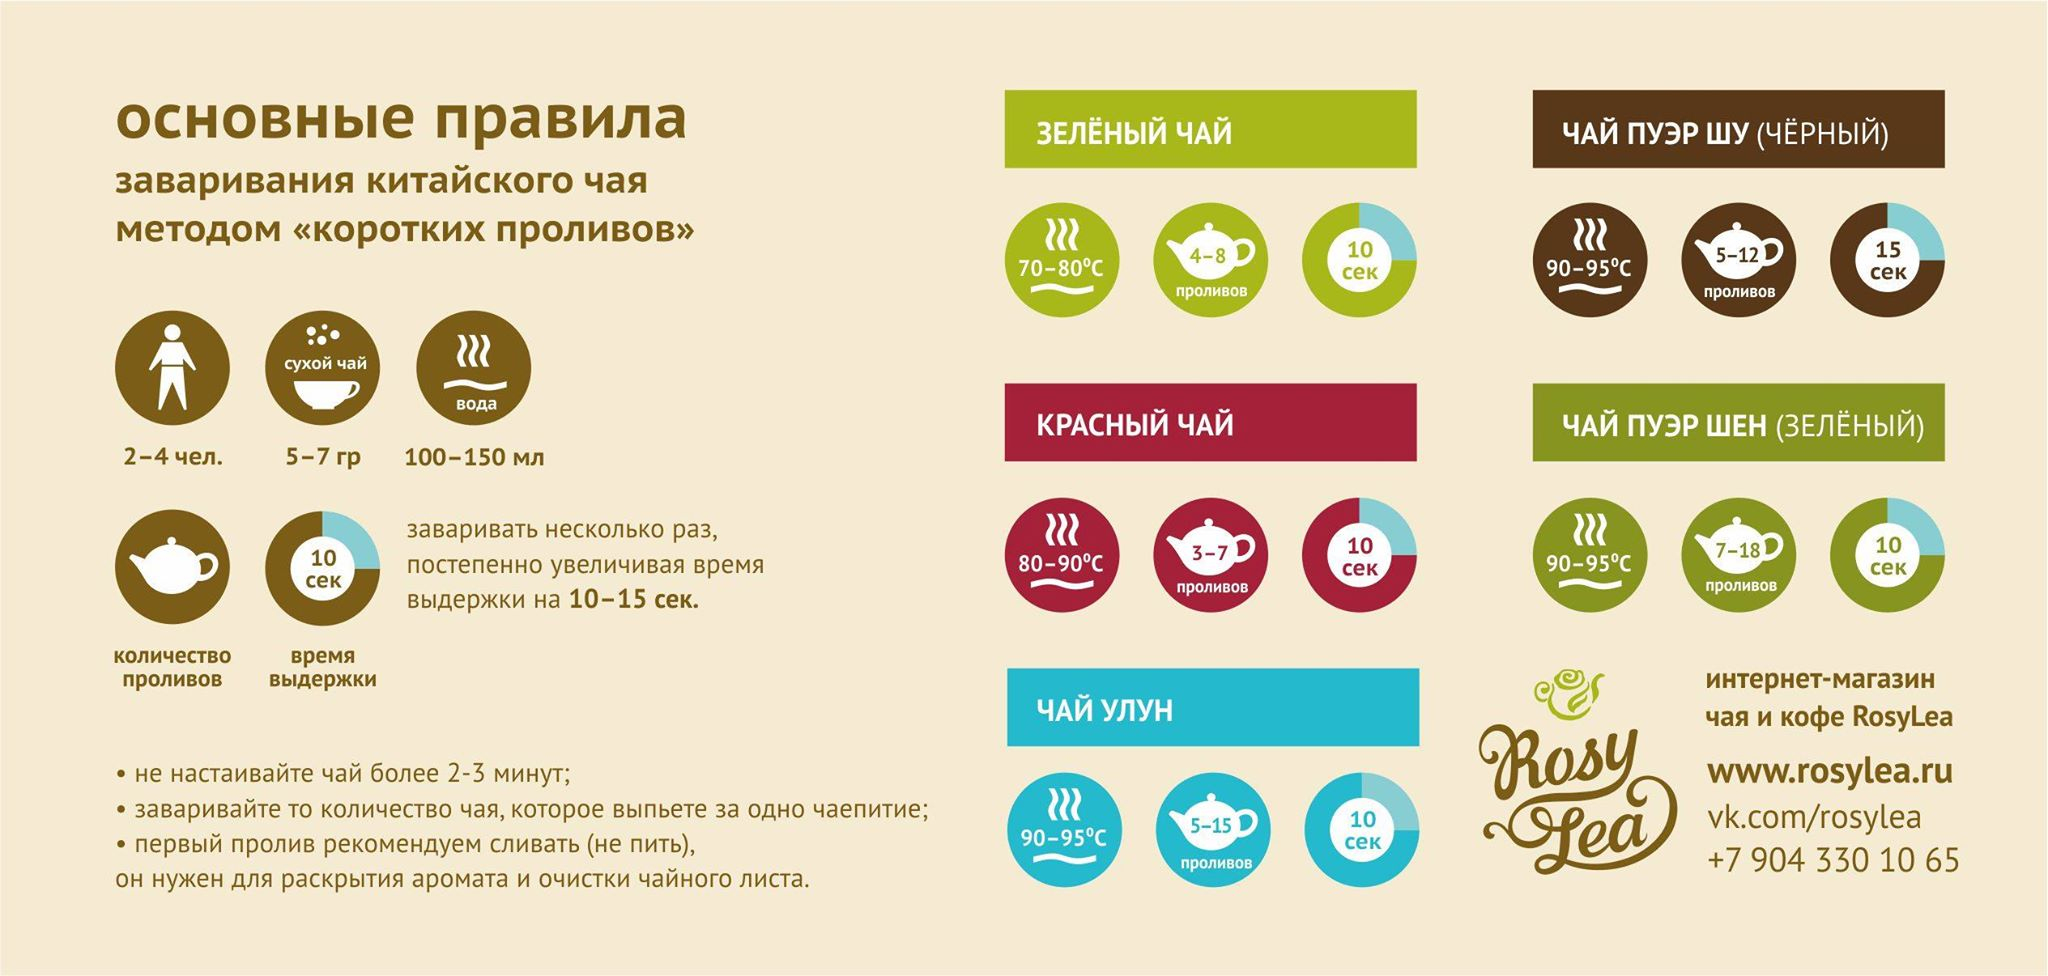 Лучшие сорта зеленого чая на 2021 год